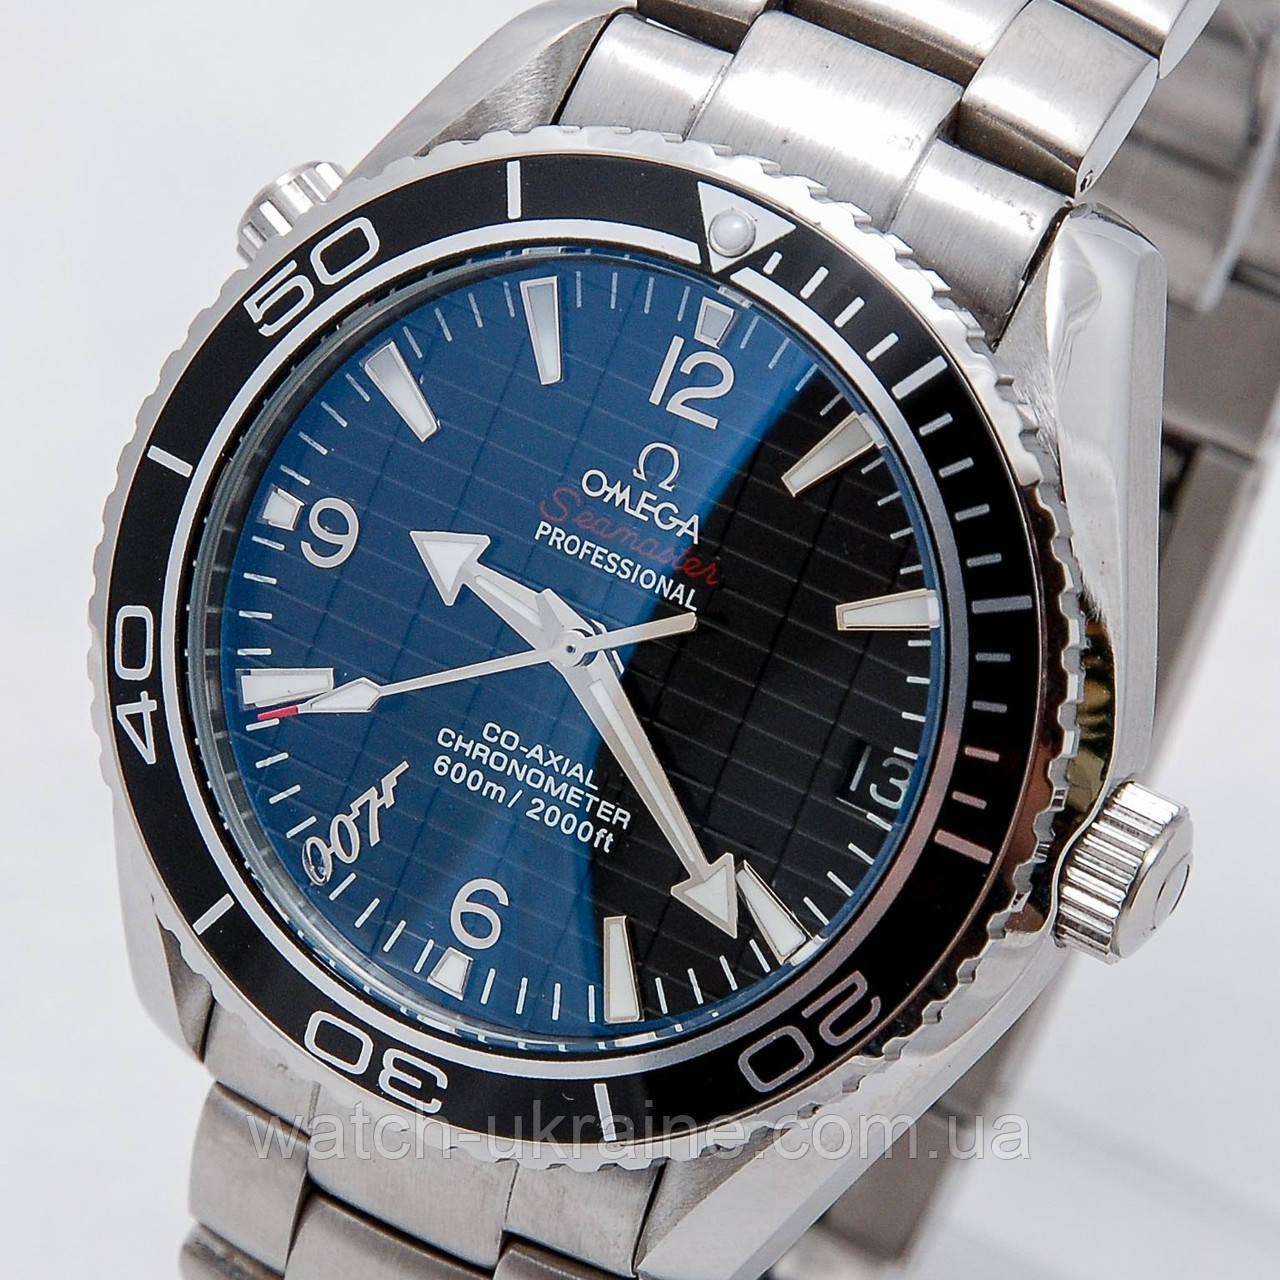 Часы omega seamaster professional купить